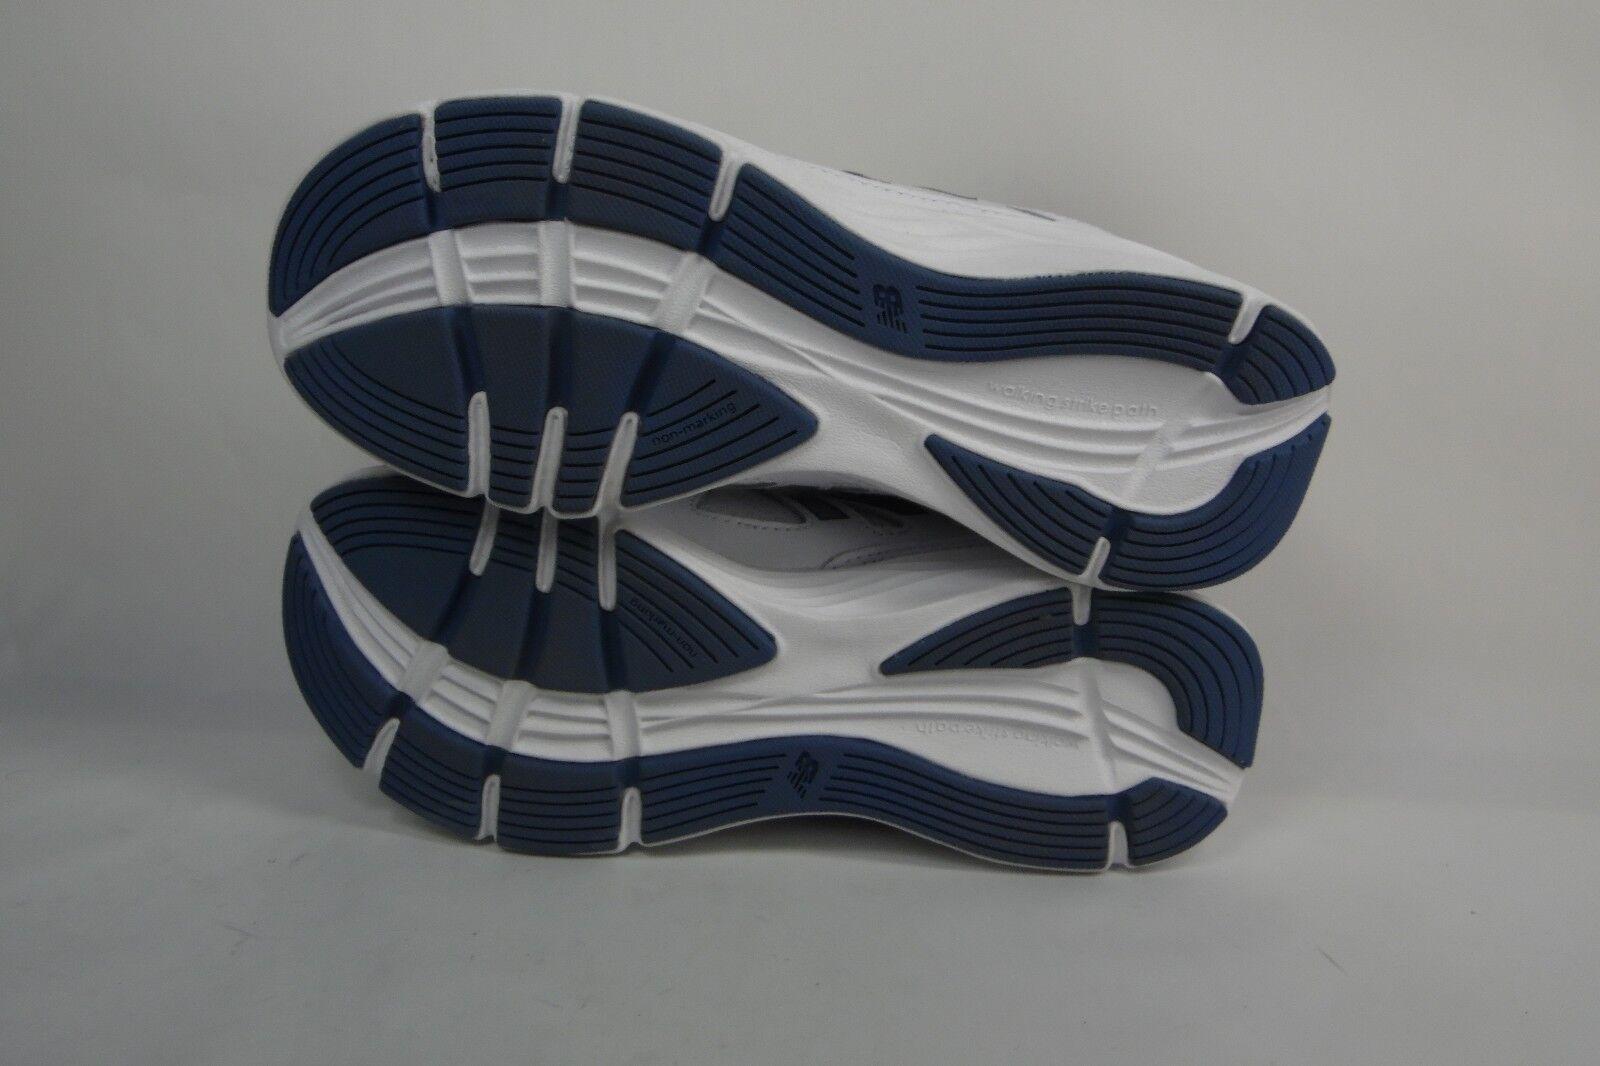 New Balance Damenschuhe Walking WW496WB3 Weiß and Blau Walking Damenschuhe Schuhe Atheletic Größe 5B 528f1d